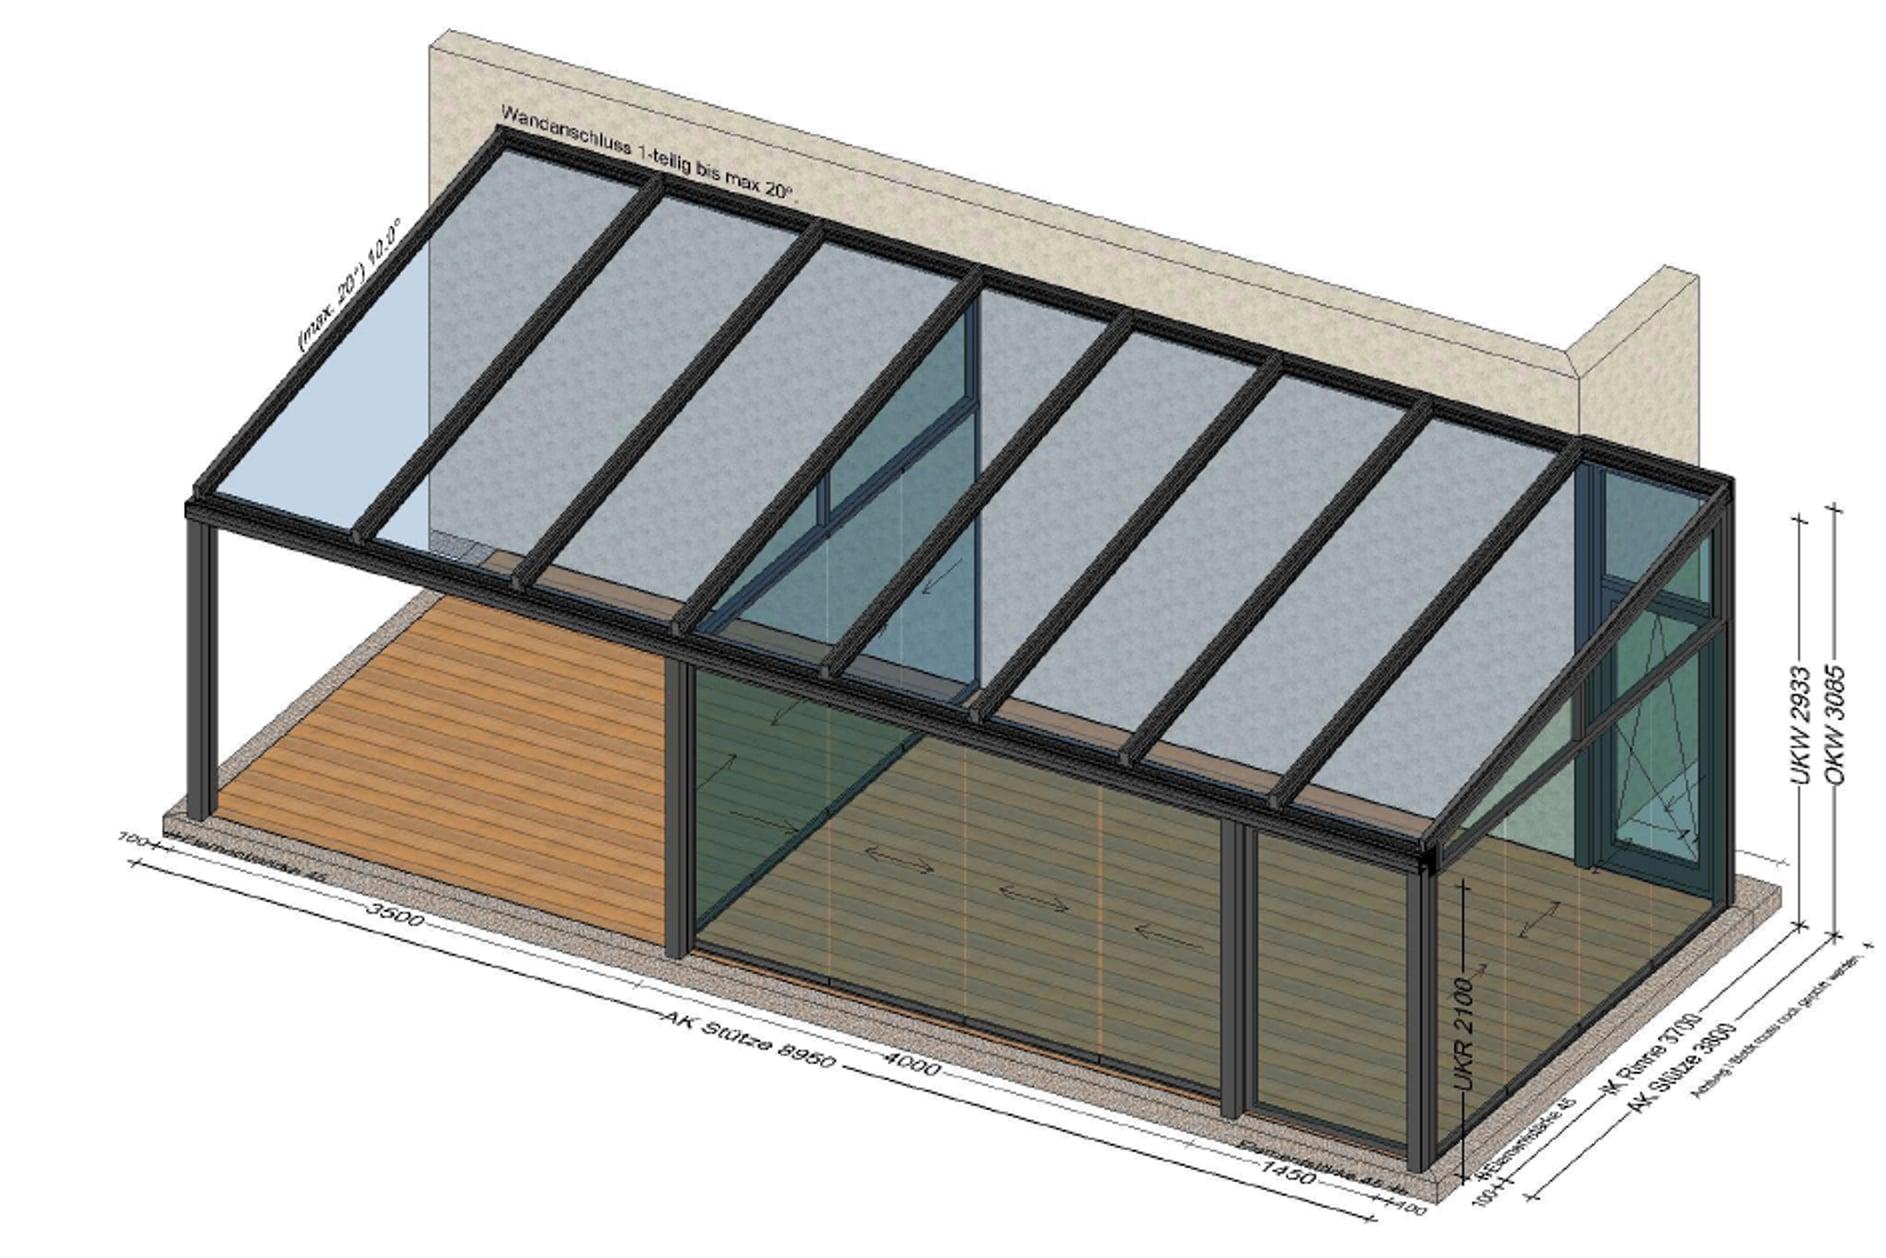 Wintergartenplan mit verlängerter Überdachung